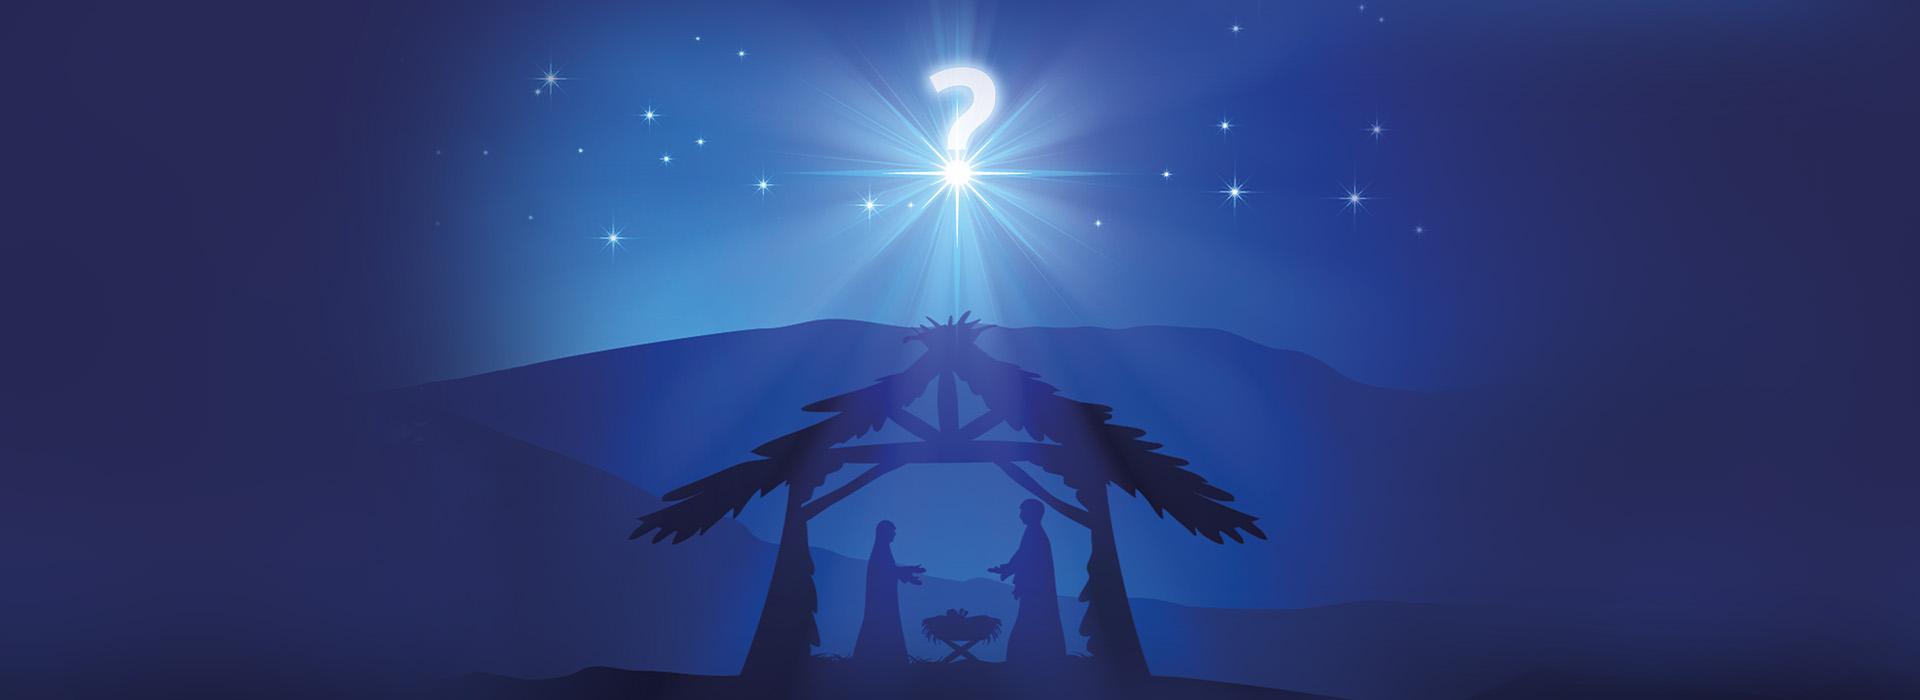 Onde Realmente Jesus Nasceu?